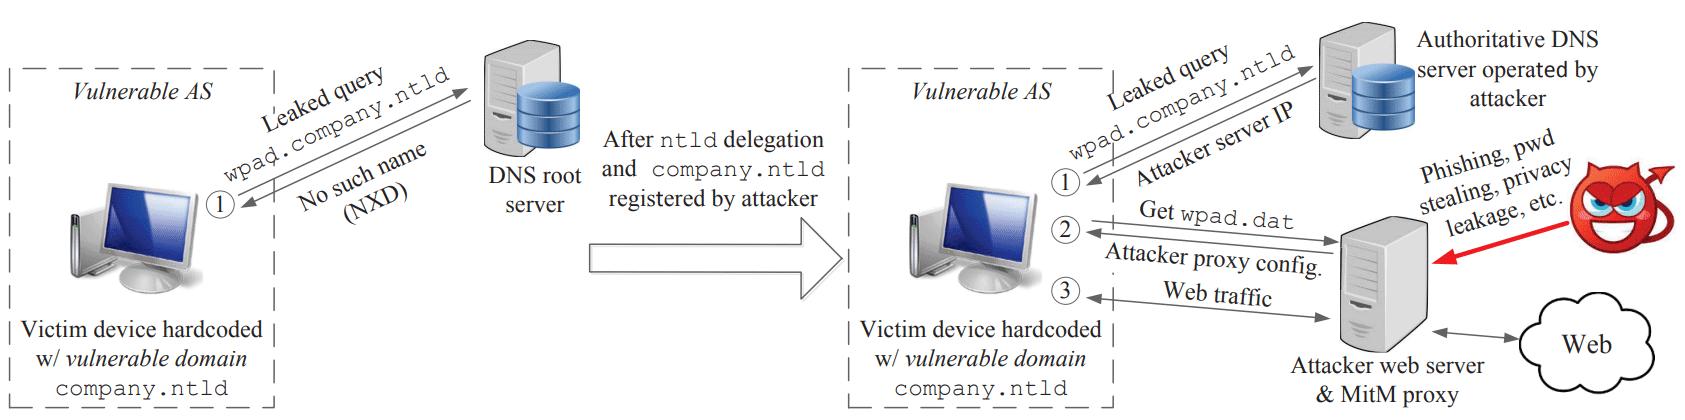 Домен corp.com выставлен на продажу. Он опасен для сотен тысяч корпоративных компьютеров под управлением Windows - 1